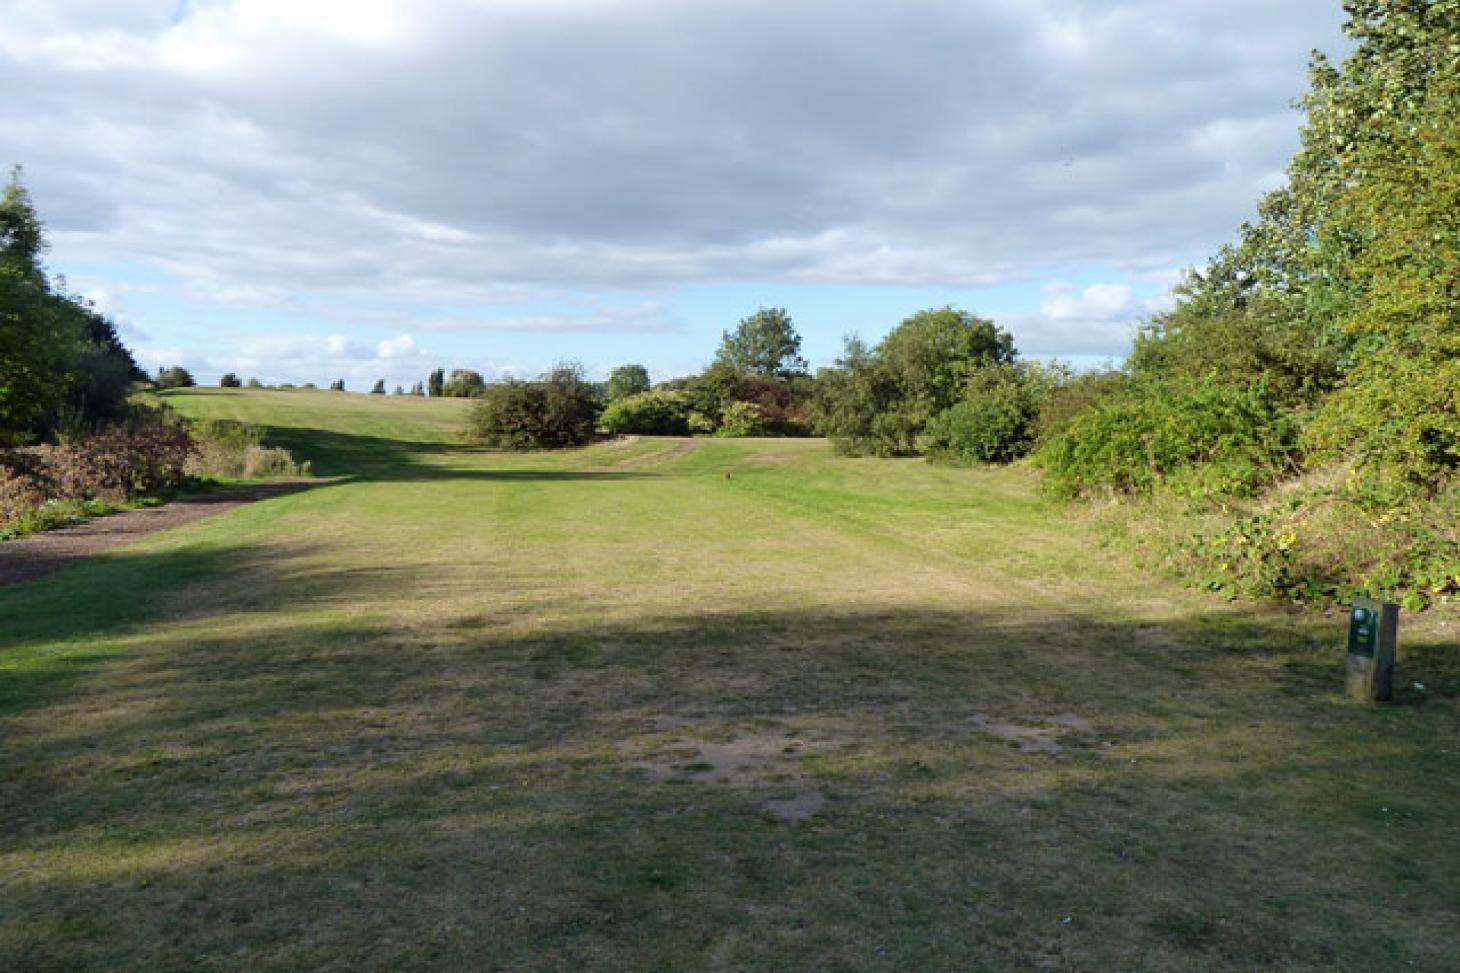 Hounslow Heath Golf Centre 18 hole golf course